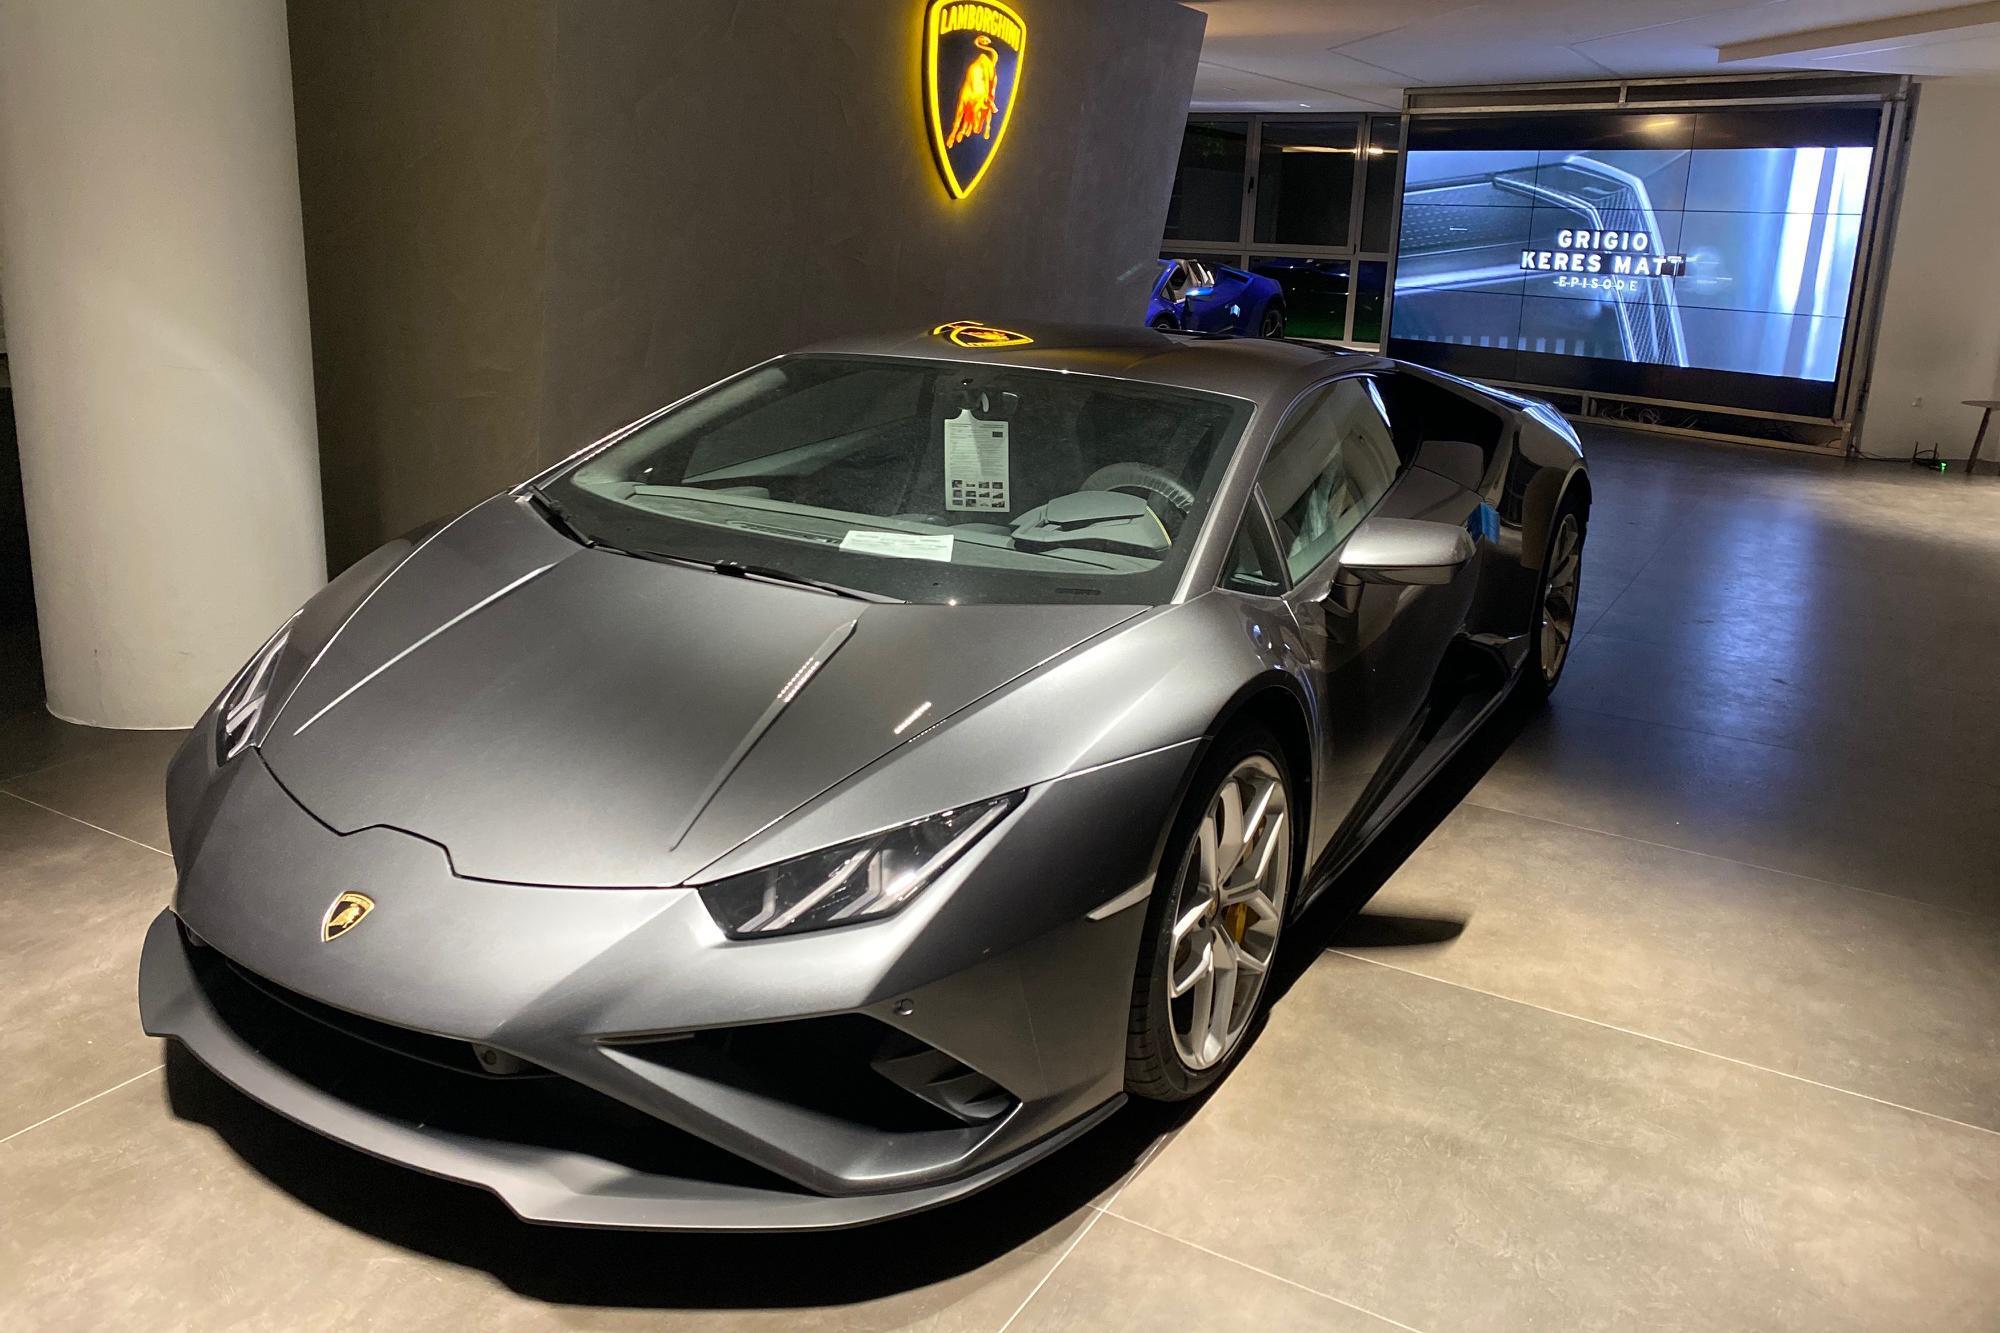 Νέες οθόνες LG για την Trident Cars